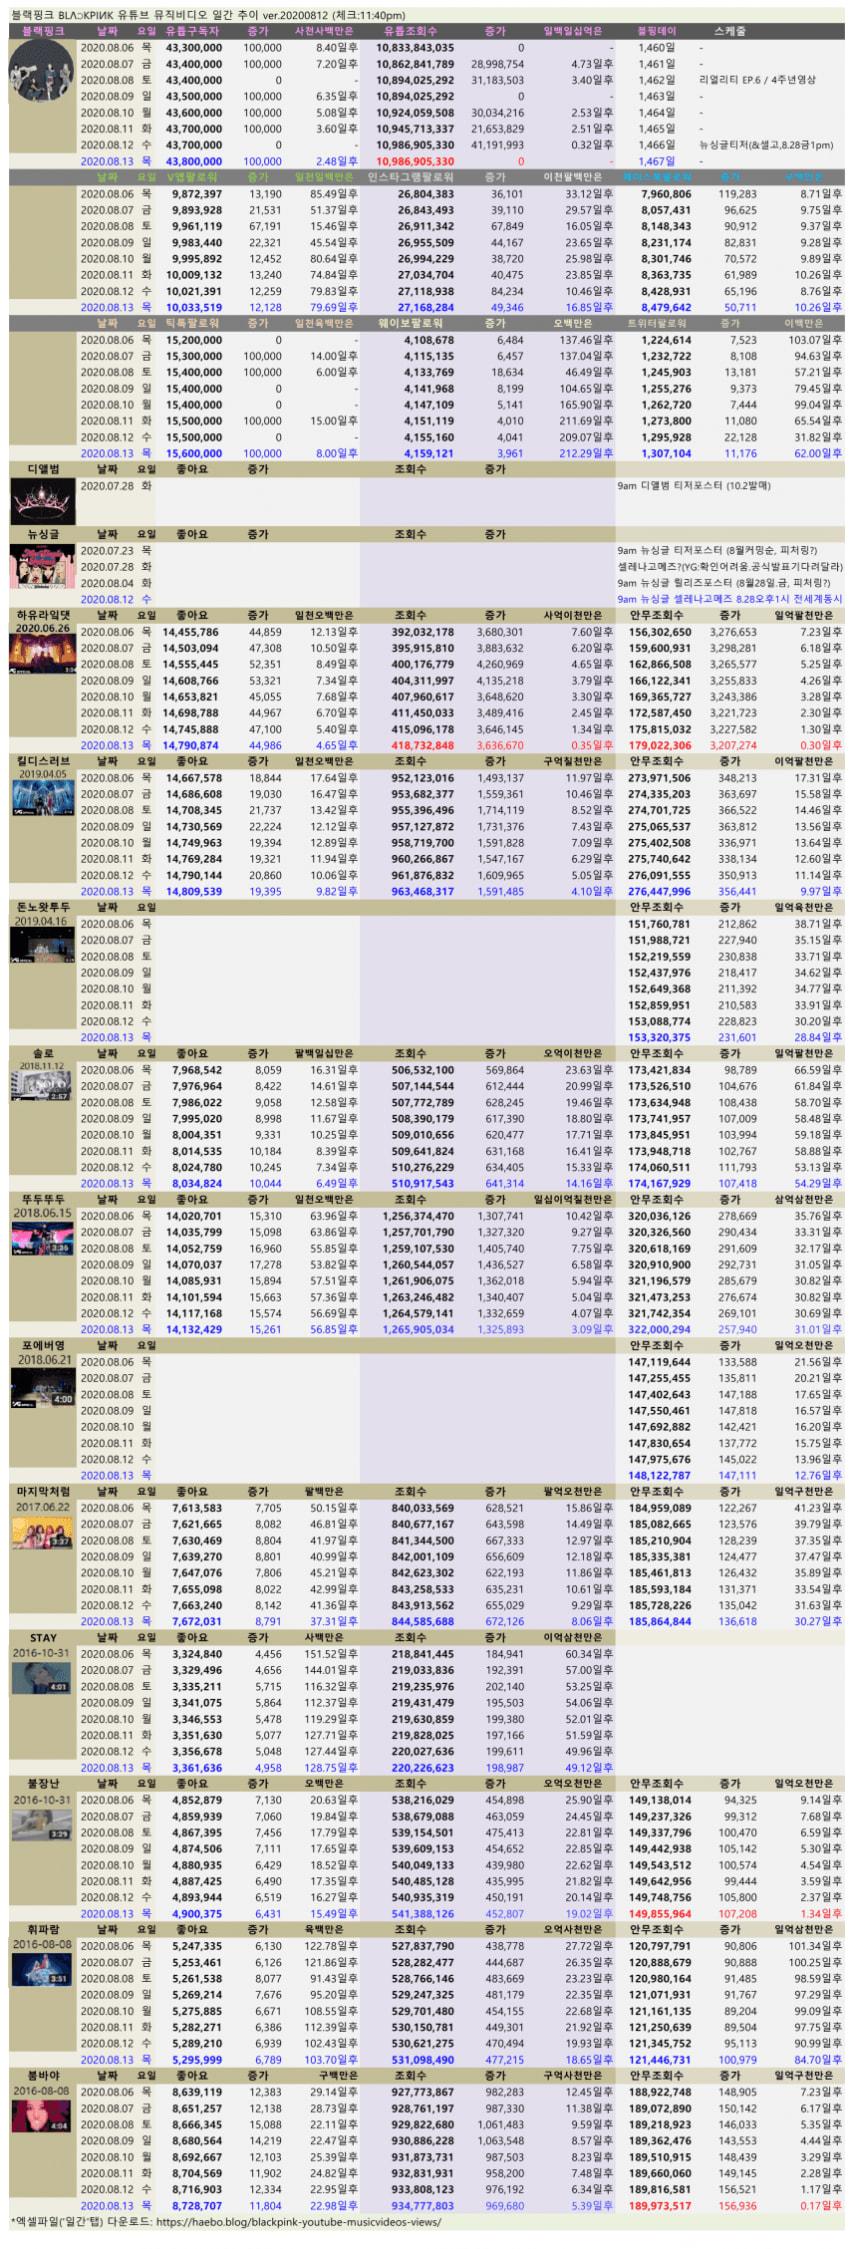 viewimage.php?id=2fb1d125eec231a865&no=24b0d769e1d32ca73fec86fa11d02831f774ca47ac4dd7dcba669417d3fec45d92ec19a1c8d9103fb38c604f68608f119f8a5142dc5b3afb027d89caa89cc7aead8f4145